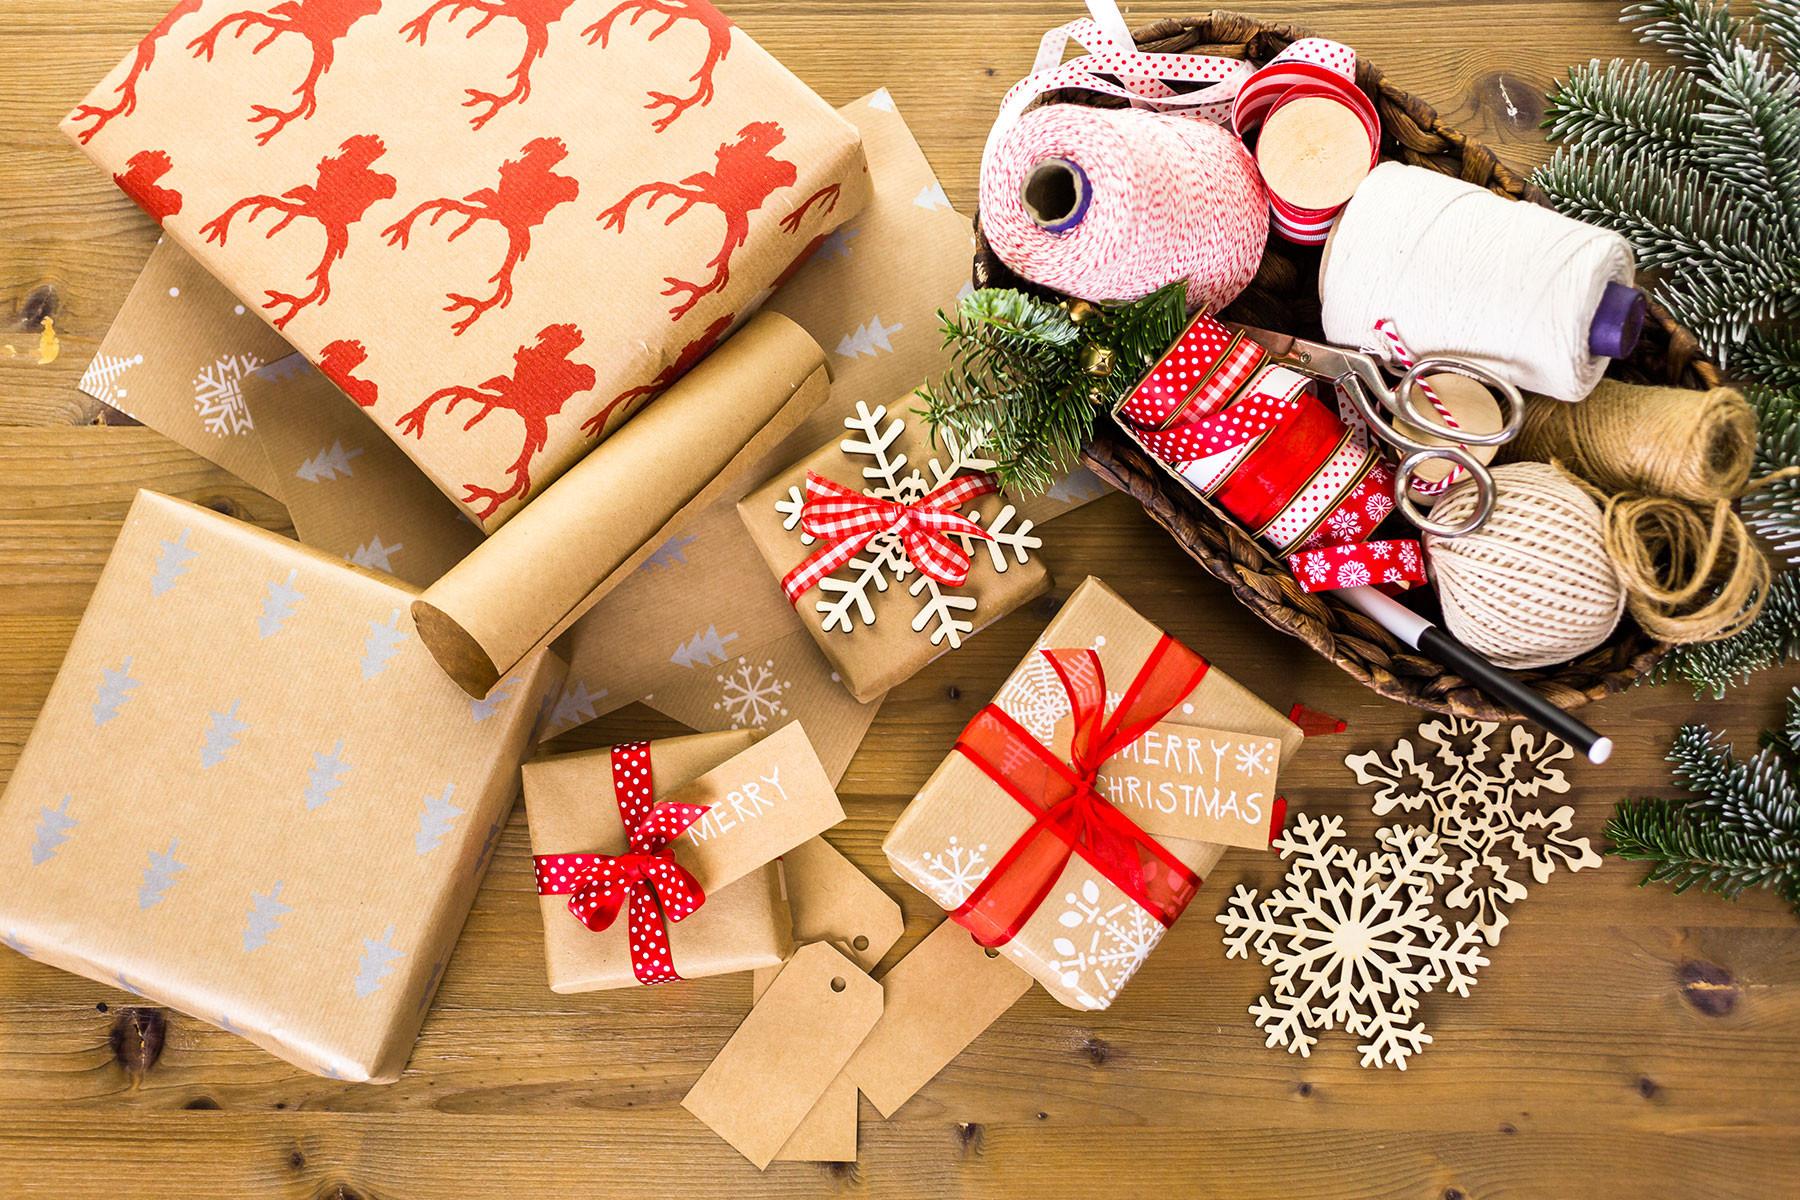 Weihnachten Geschenke  Weihnachtsgeschenke verpacken Geschenke verpacken Ideen